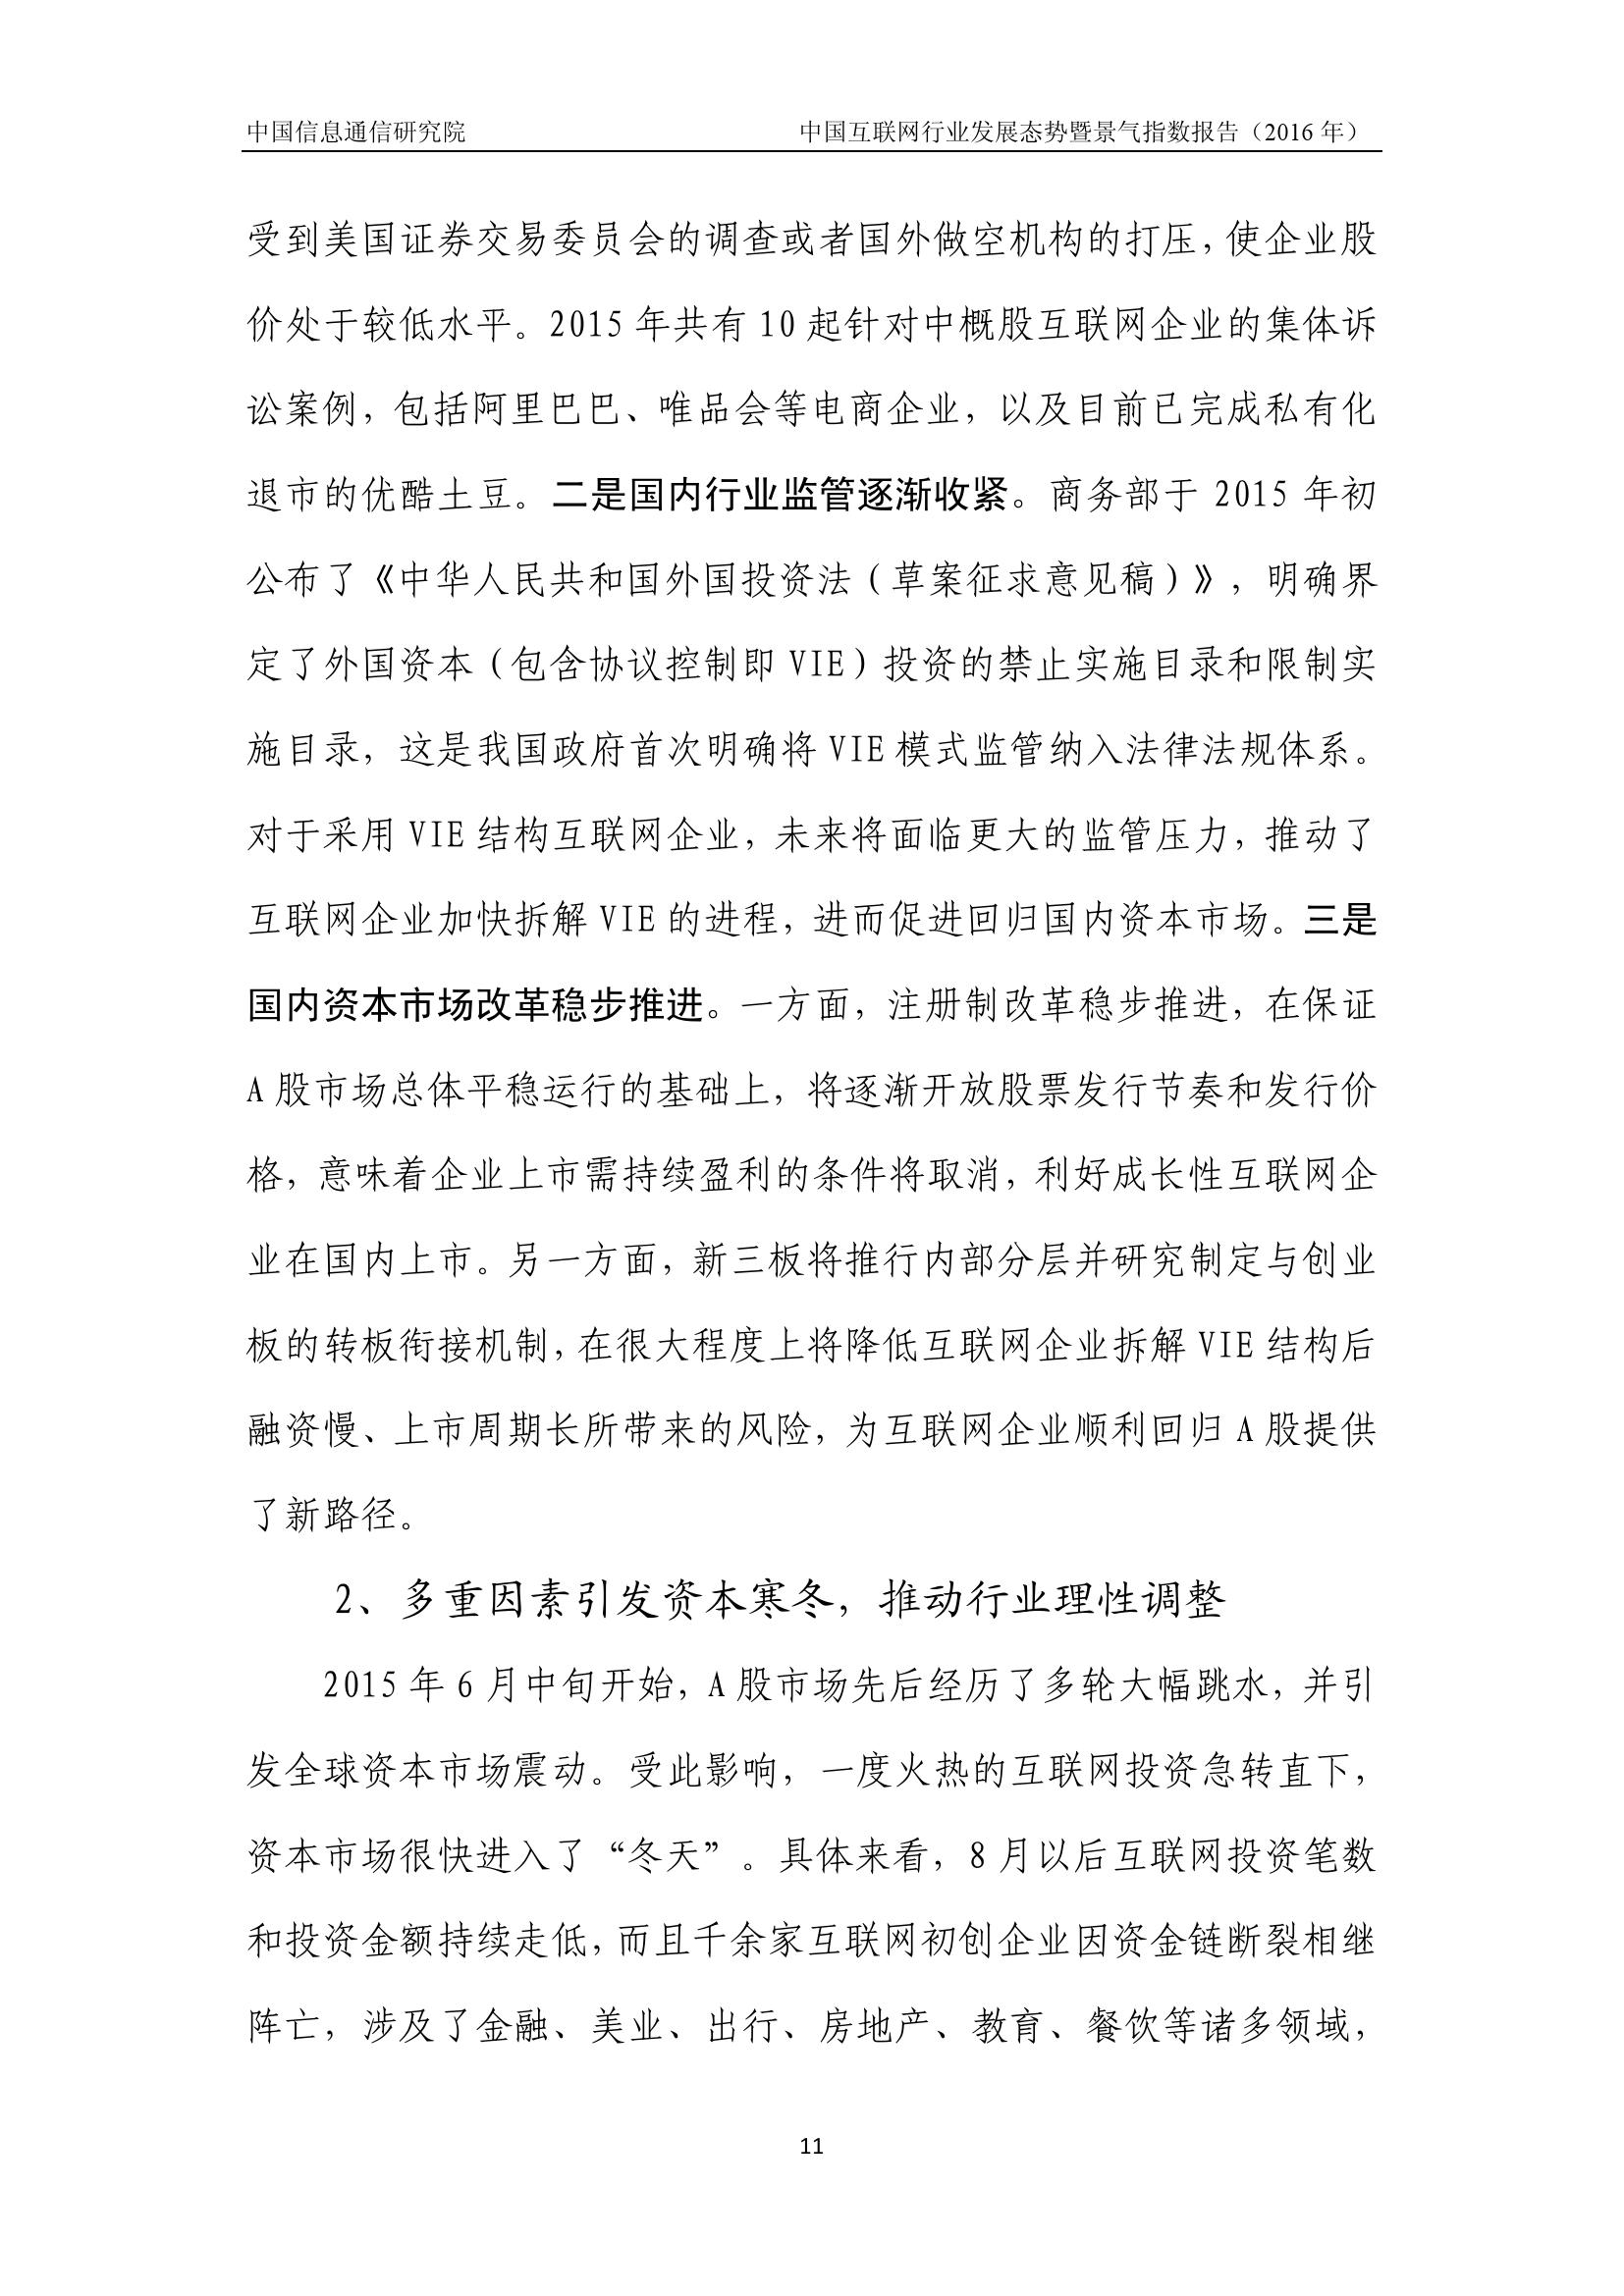 2016年中国互联网行业发展态势暨景气指数报告_000015